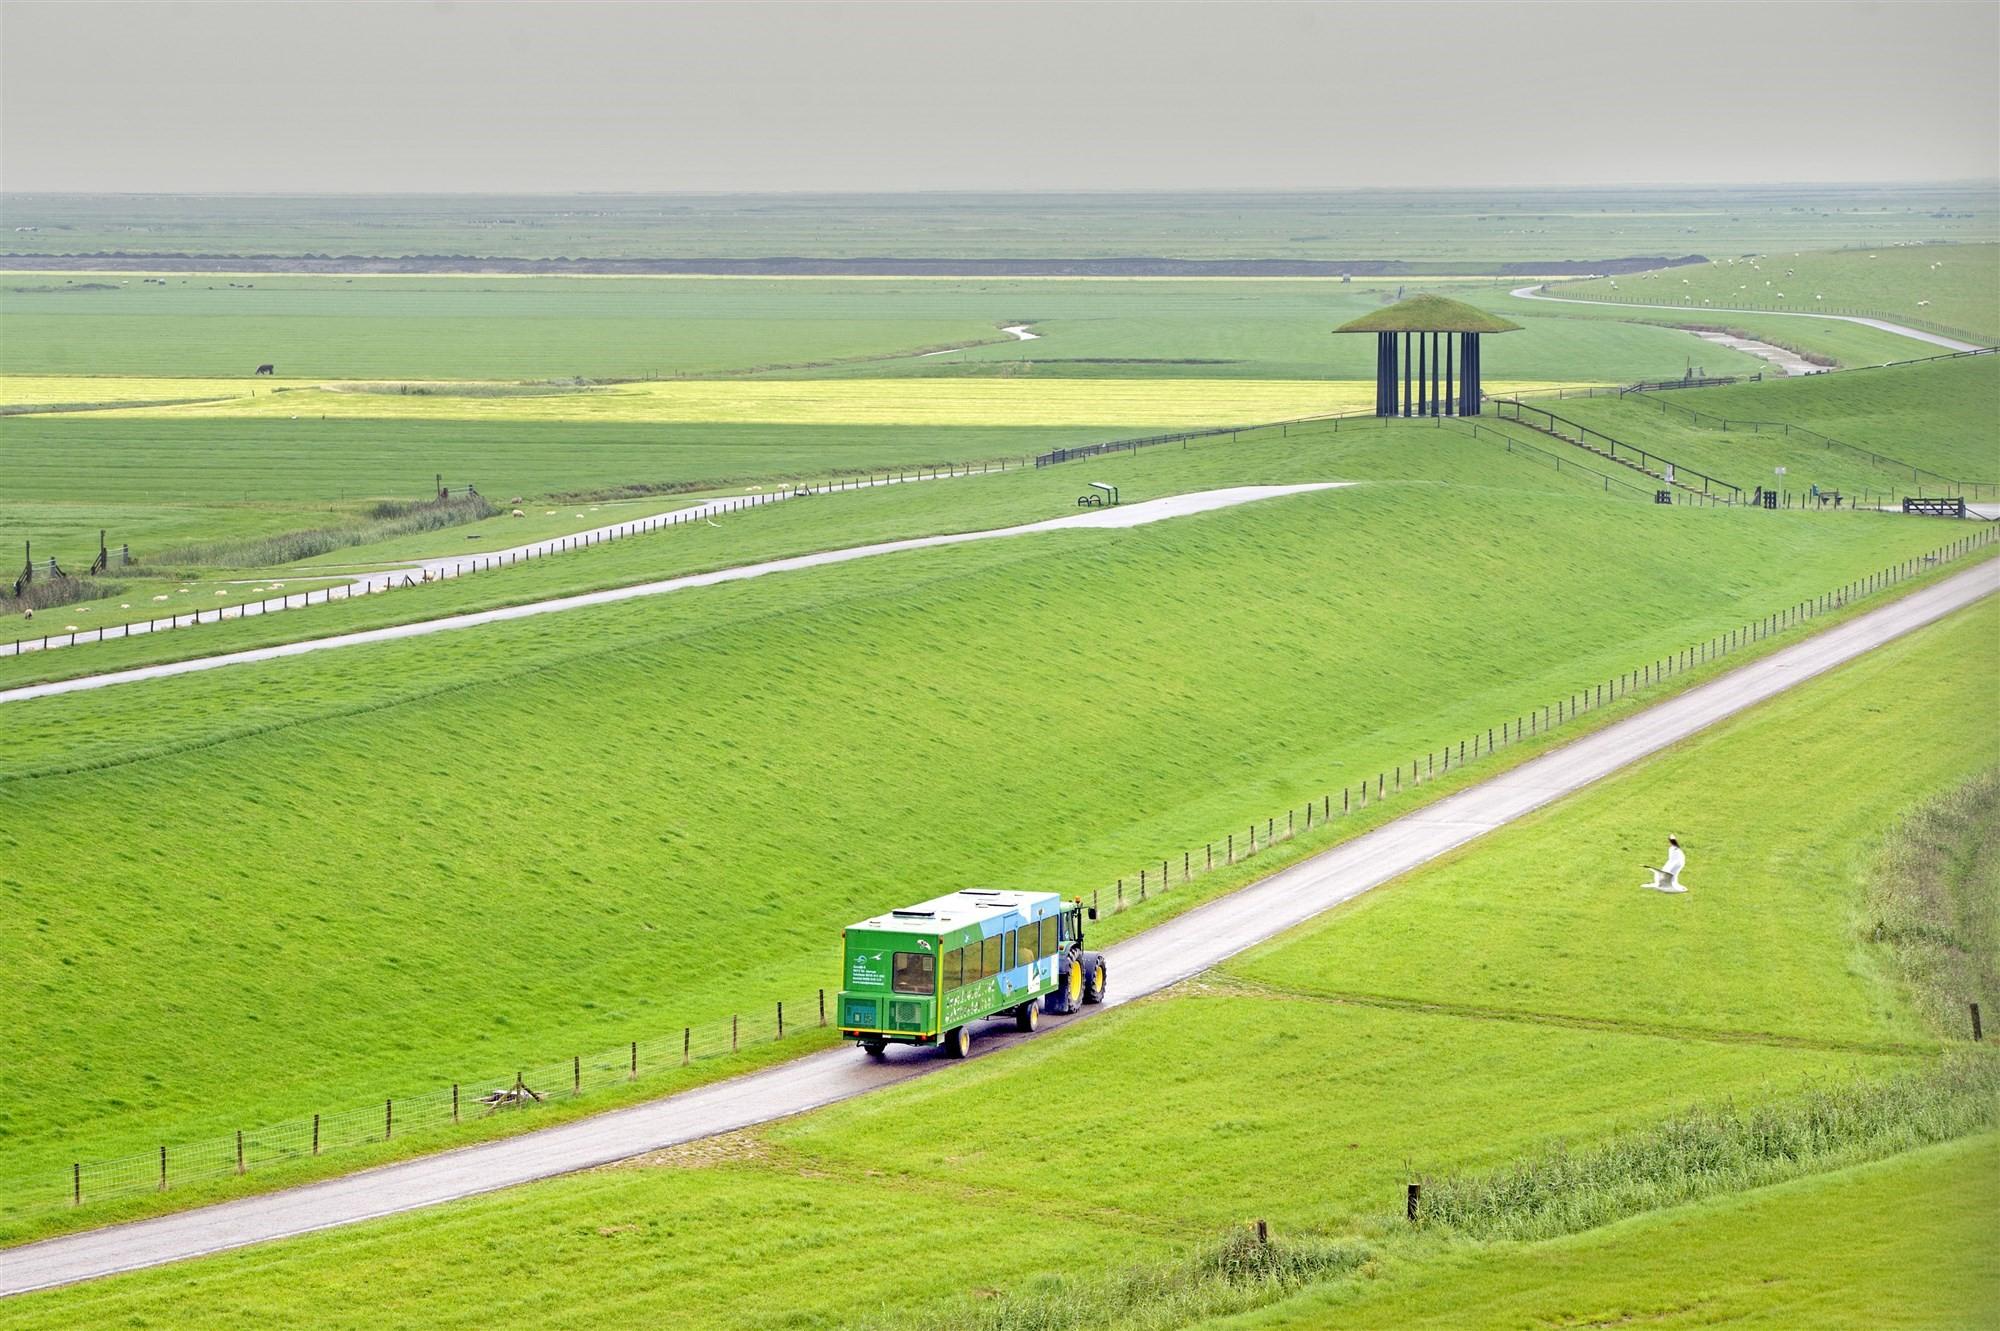 Friese waddendijk fietsvriendelijker